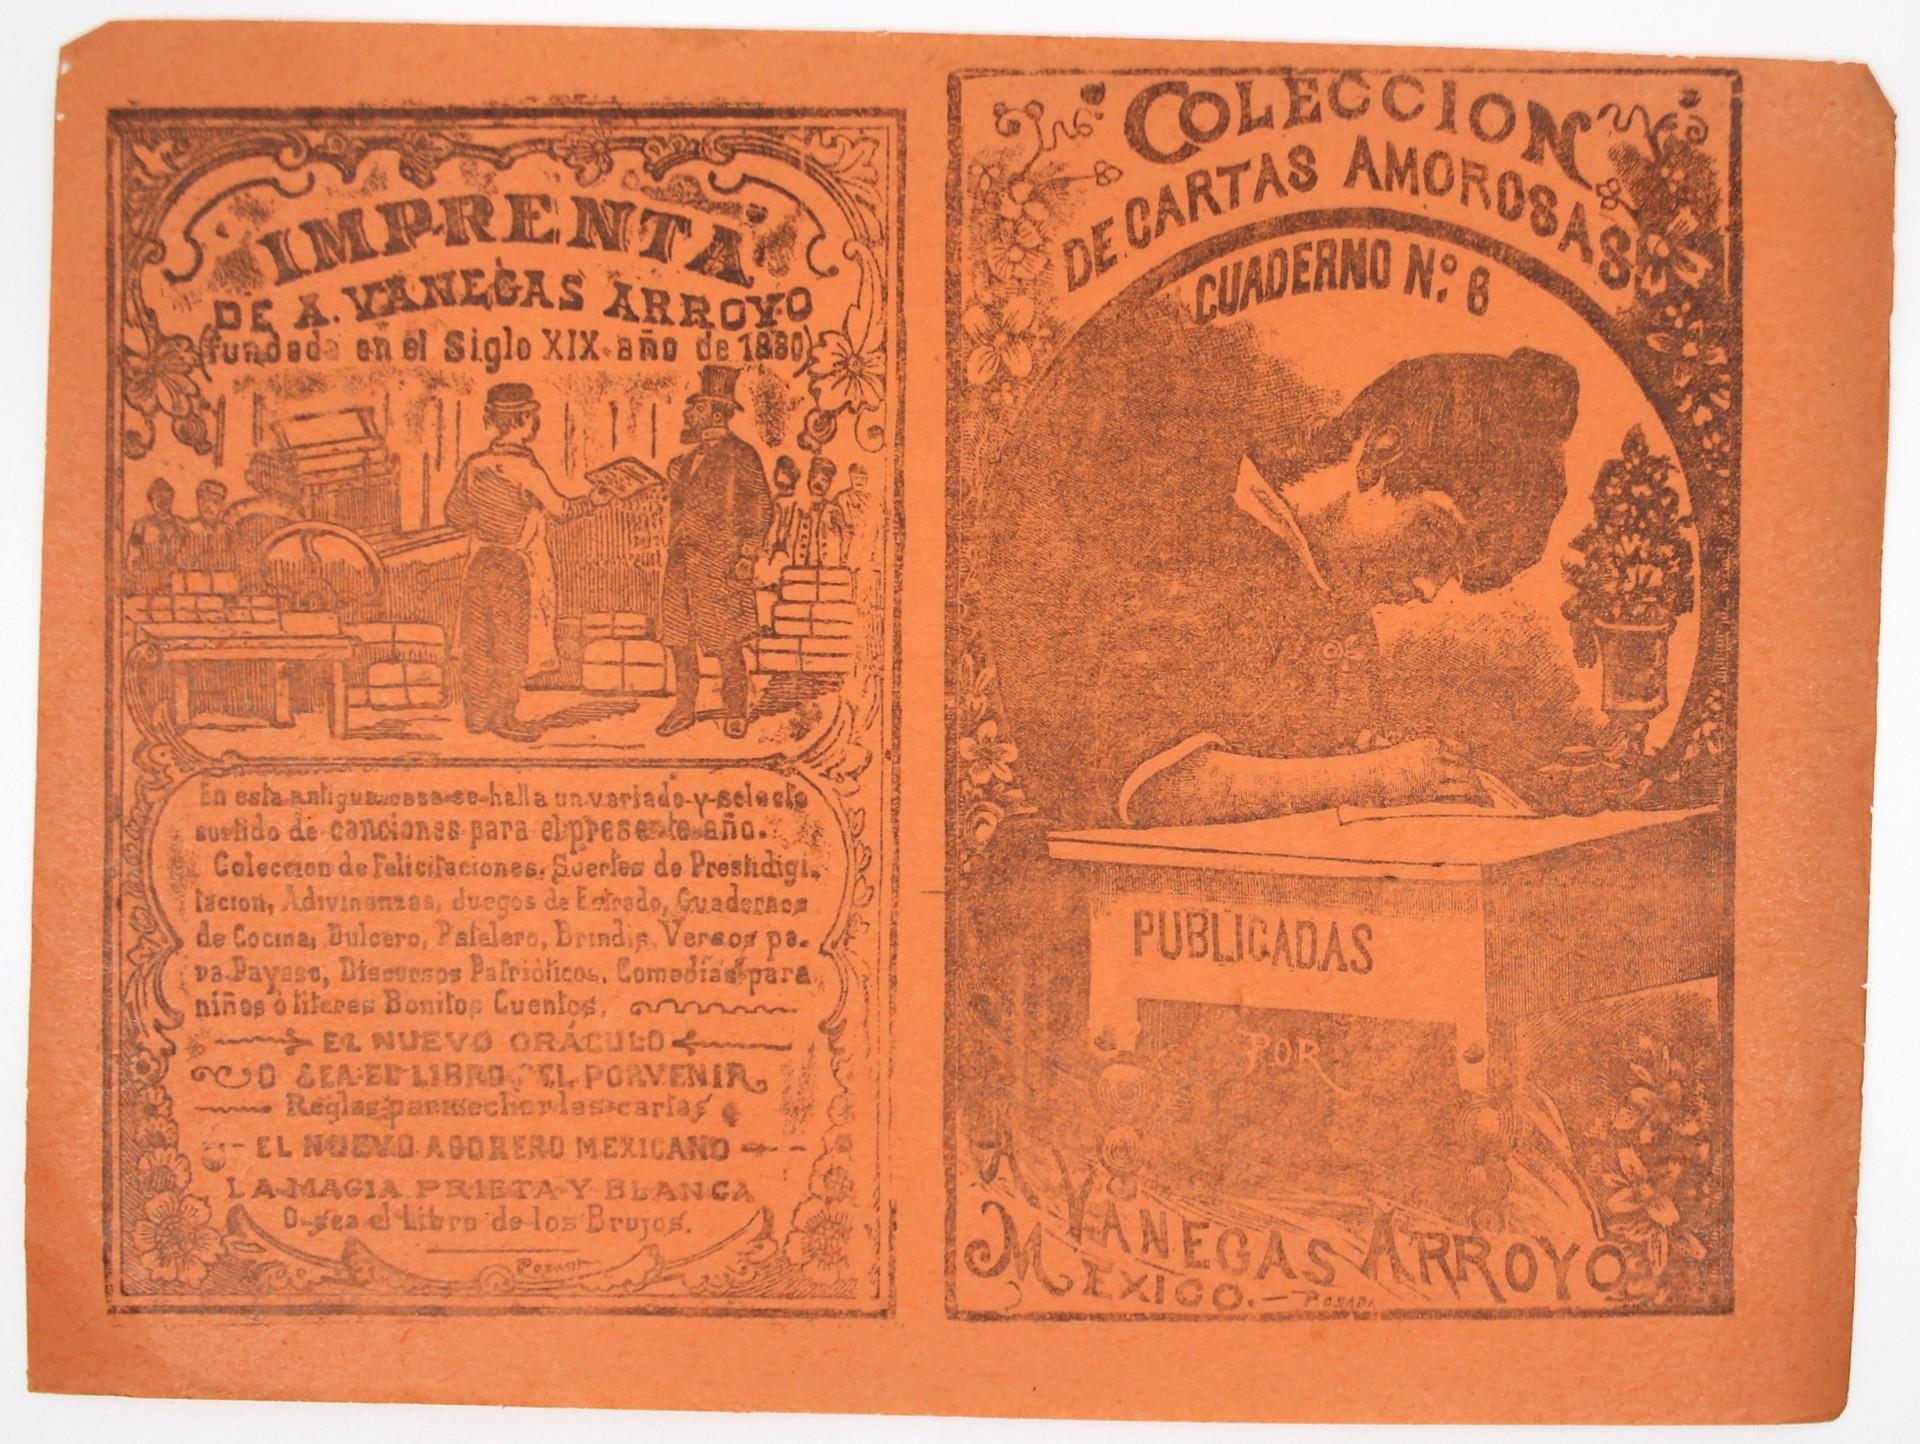 Colección de Cartas Amorosas Cuaderno 6 (2nd Impression) by José Guadalupe Posada (1852 - 1913)